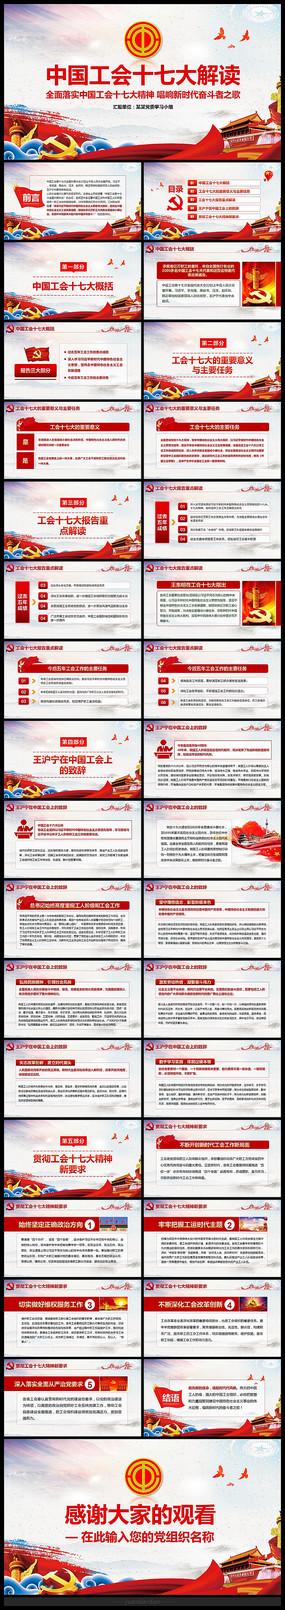 中国工会十七大解读PPT pptx